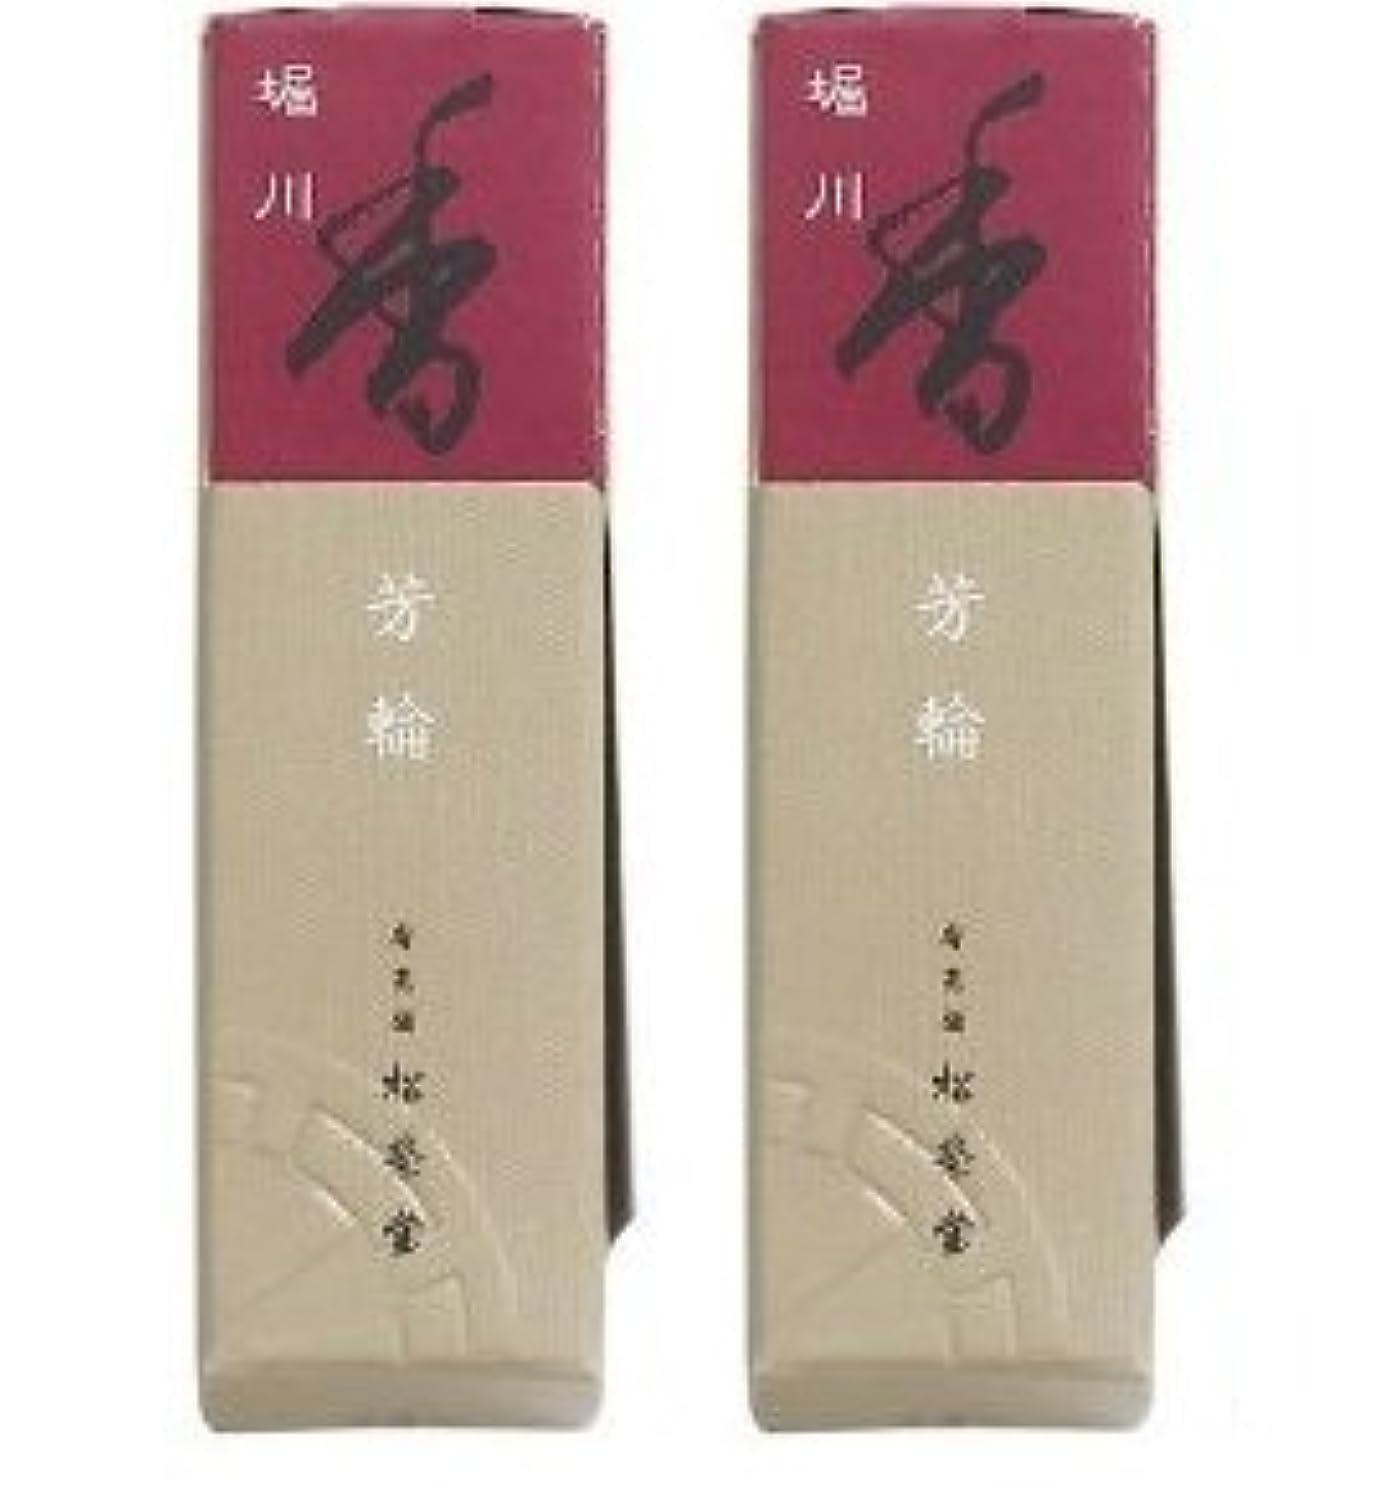 ペルー薄める初期松栄堂 芳輪 堀川 スティック20本入 2箱セット